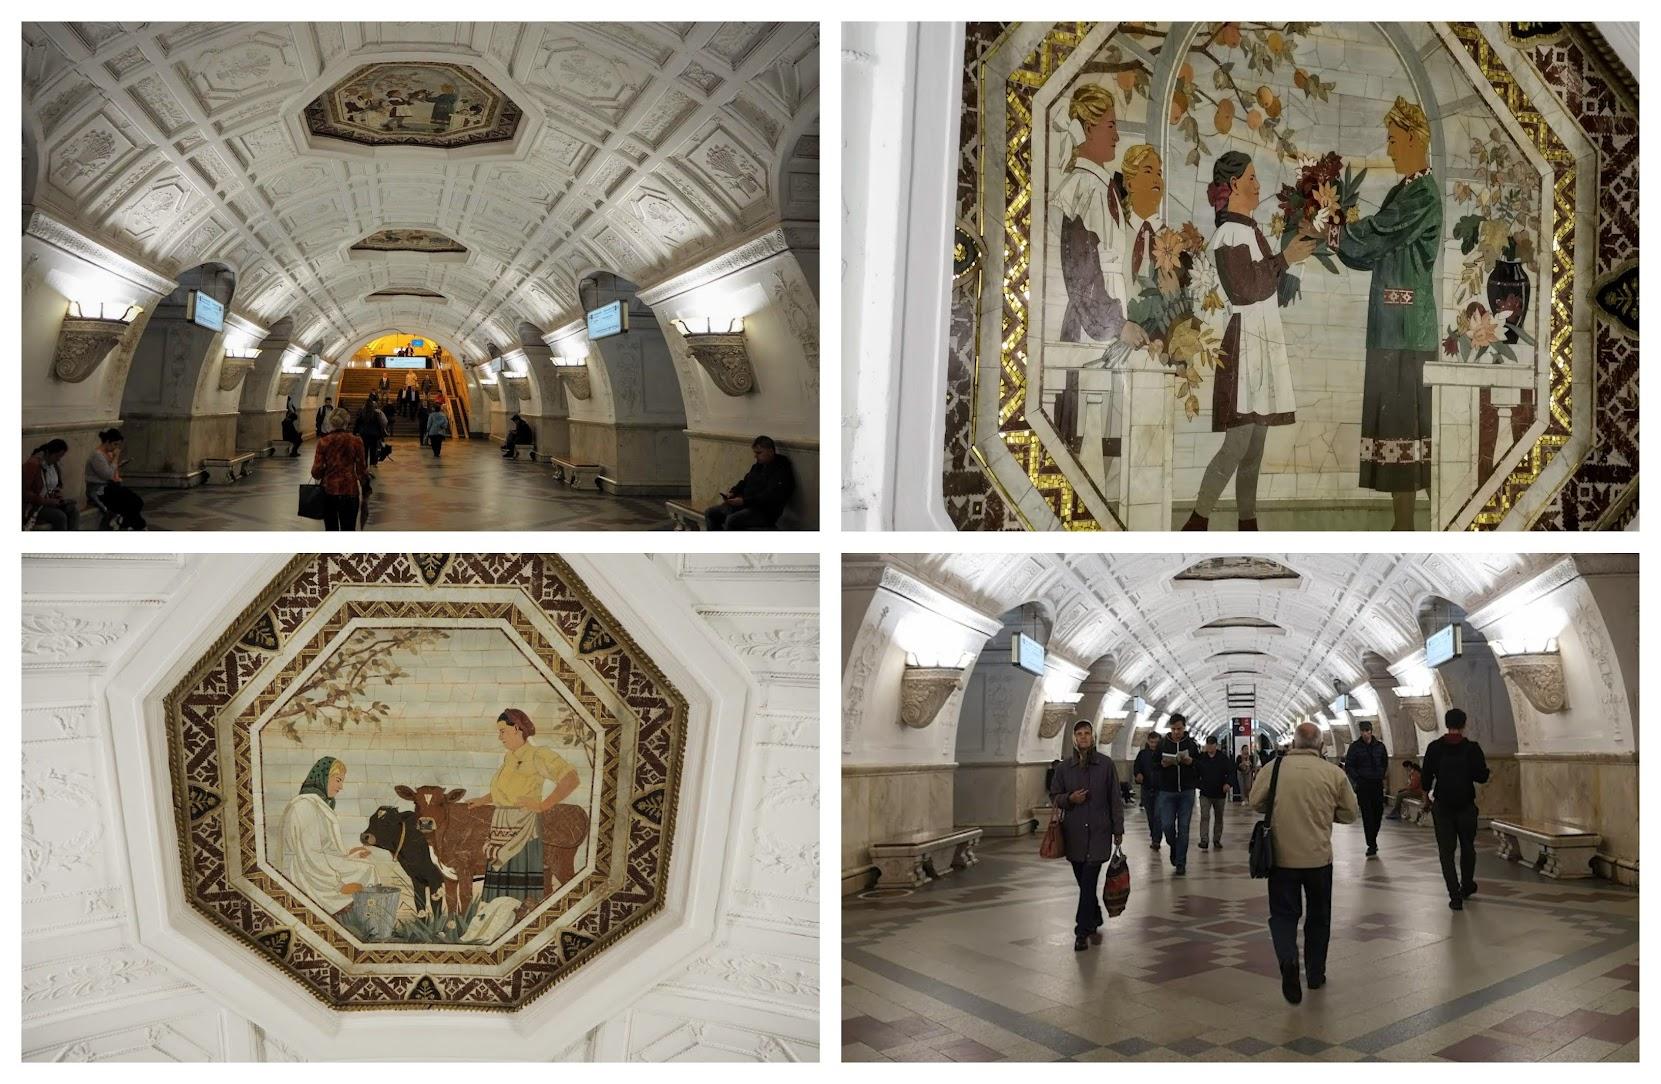 Belorusskaya estaciones de metro más bonitas de Moscú